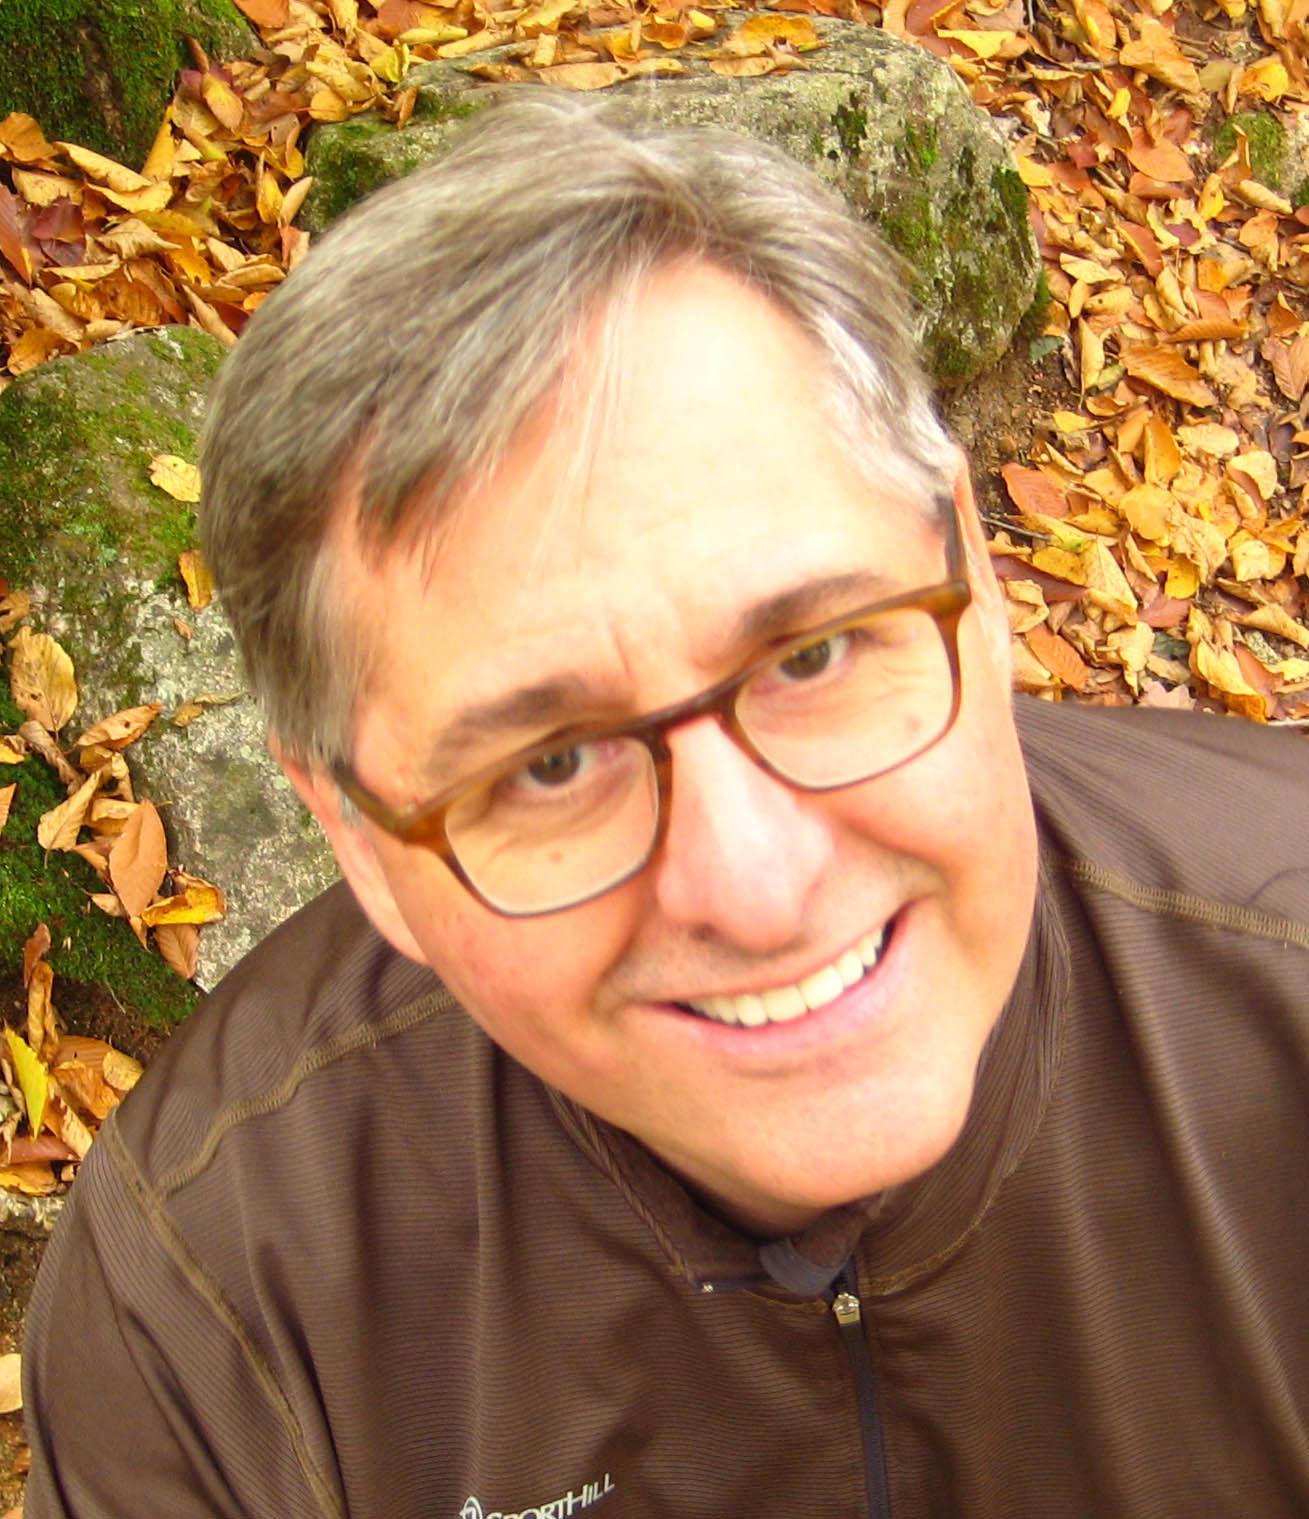 Dan Lyons